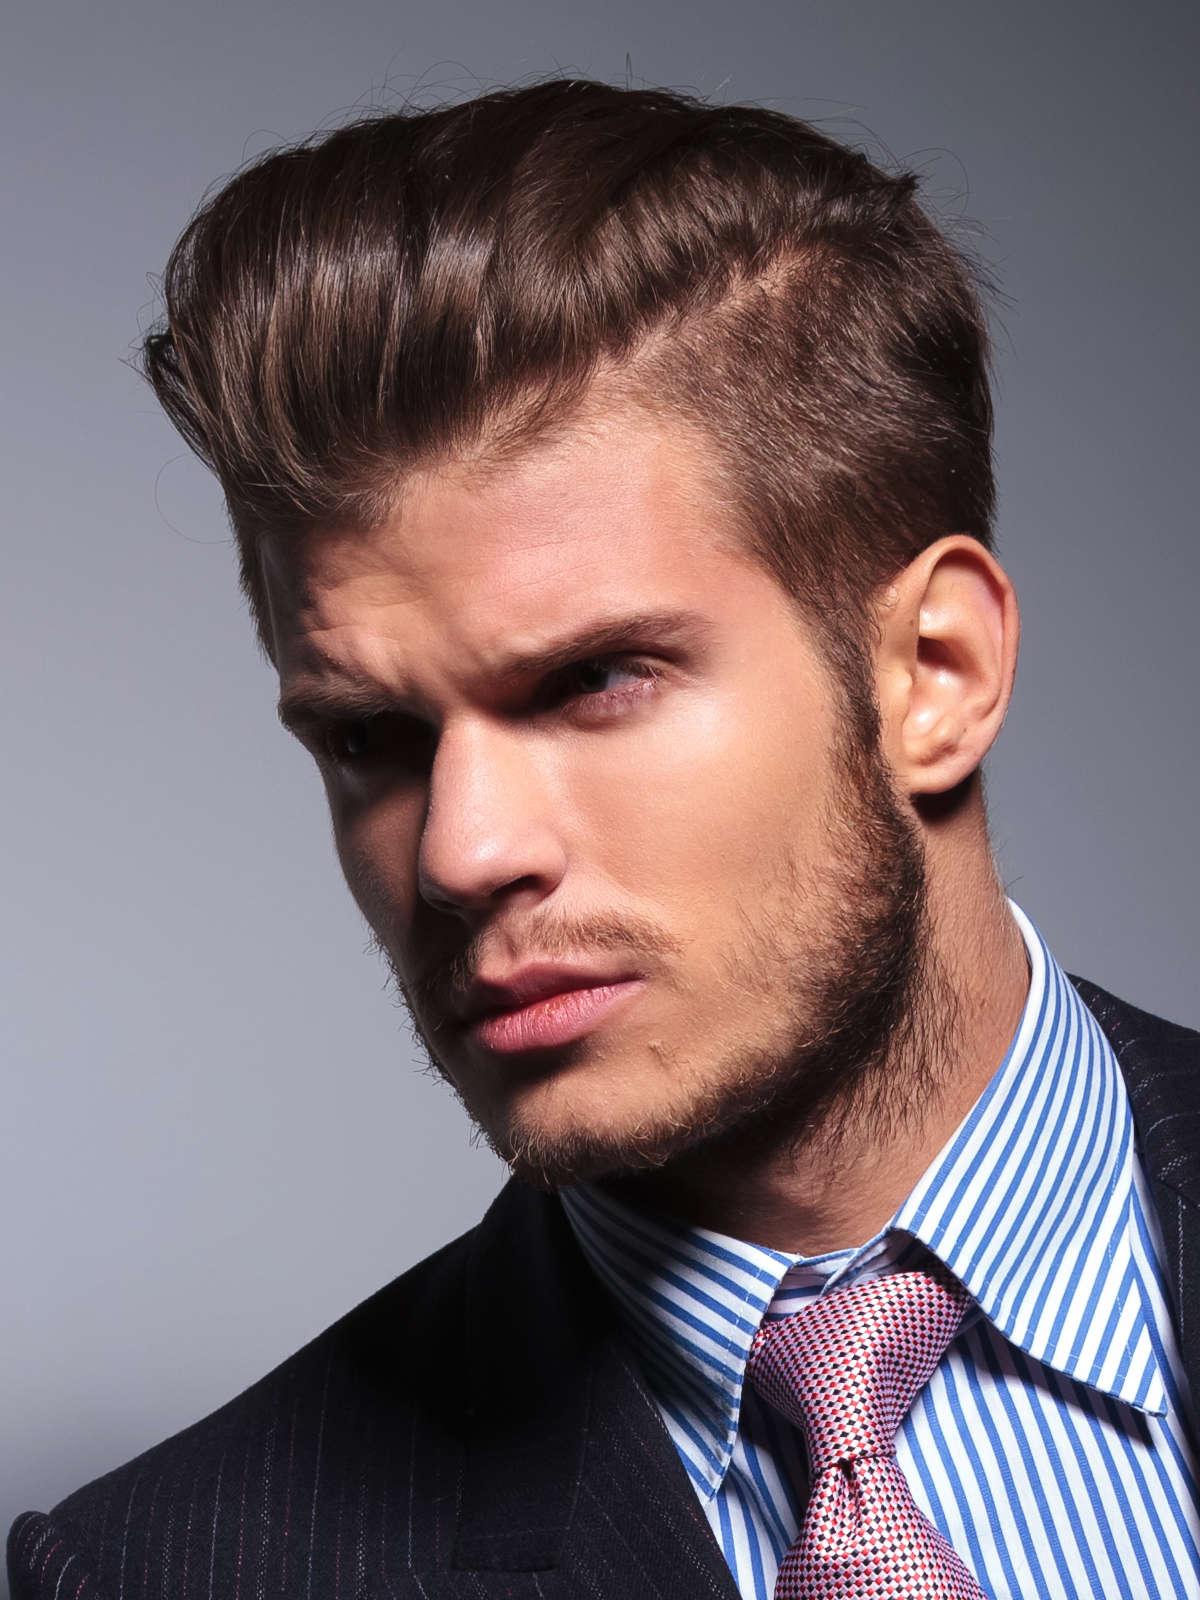 Почему мужчины зачесывают волосы назад